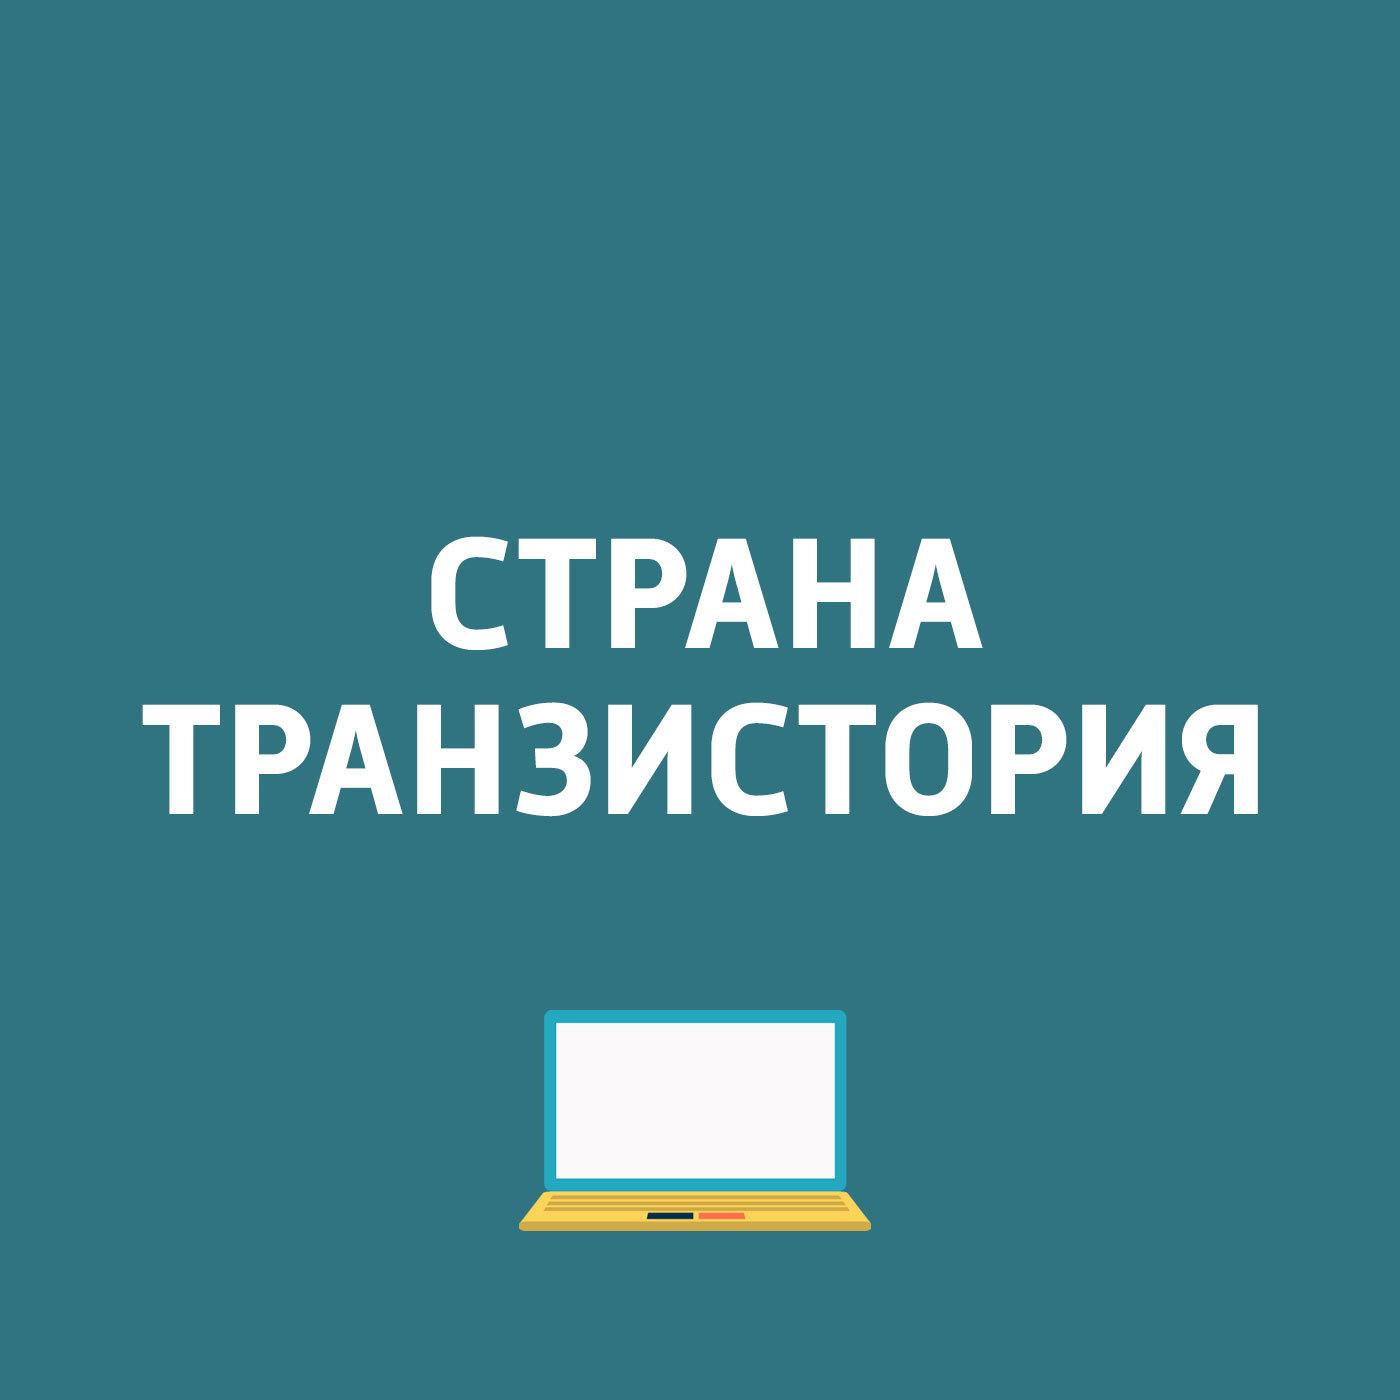 Картаев Павел Новый iPhone, Ошибка 53, музей вирусов картаев павел блокировка контента запросы в яндексе новый iphone